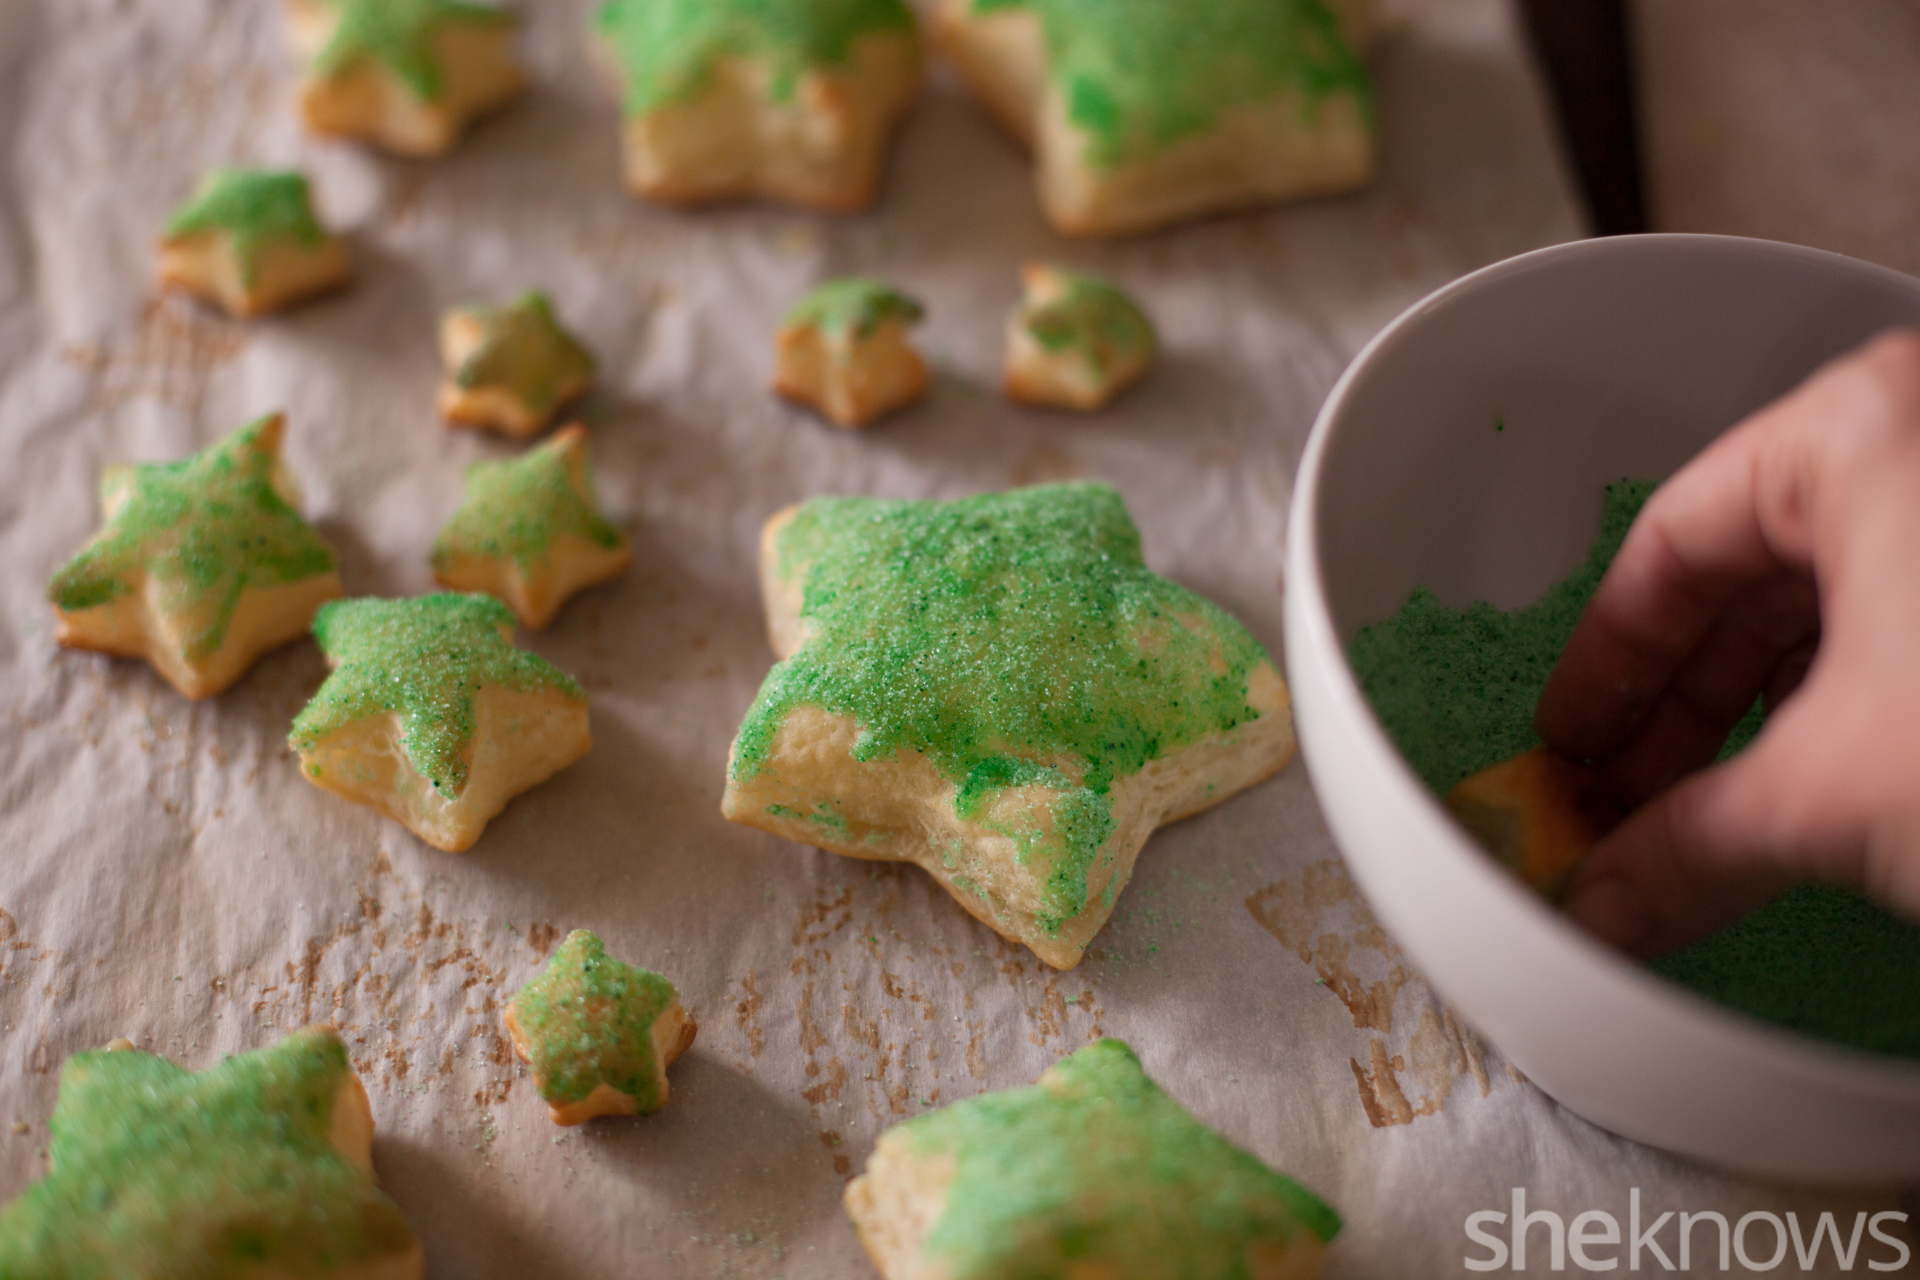 como hacer un centro de mesa DIY hecho de pequeñas galletas de hojaldre en forma de estrella, ideas de postres faciles para navidad